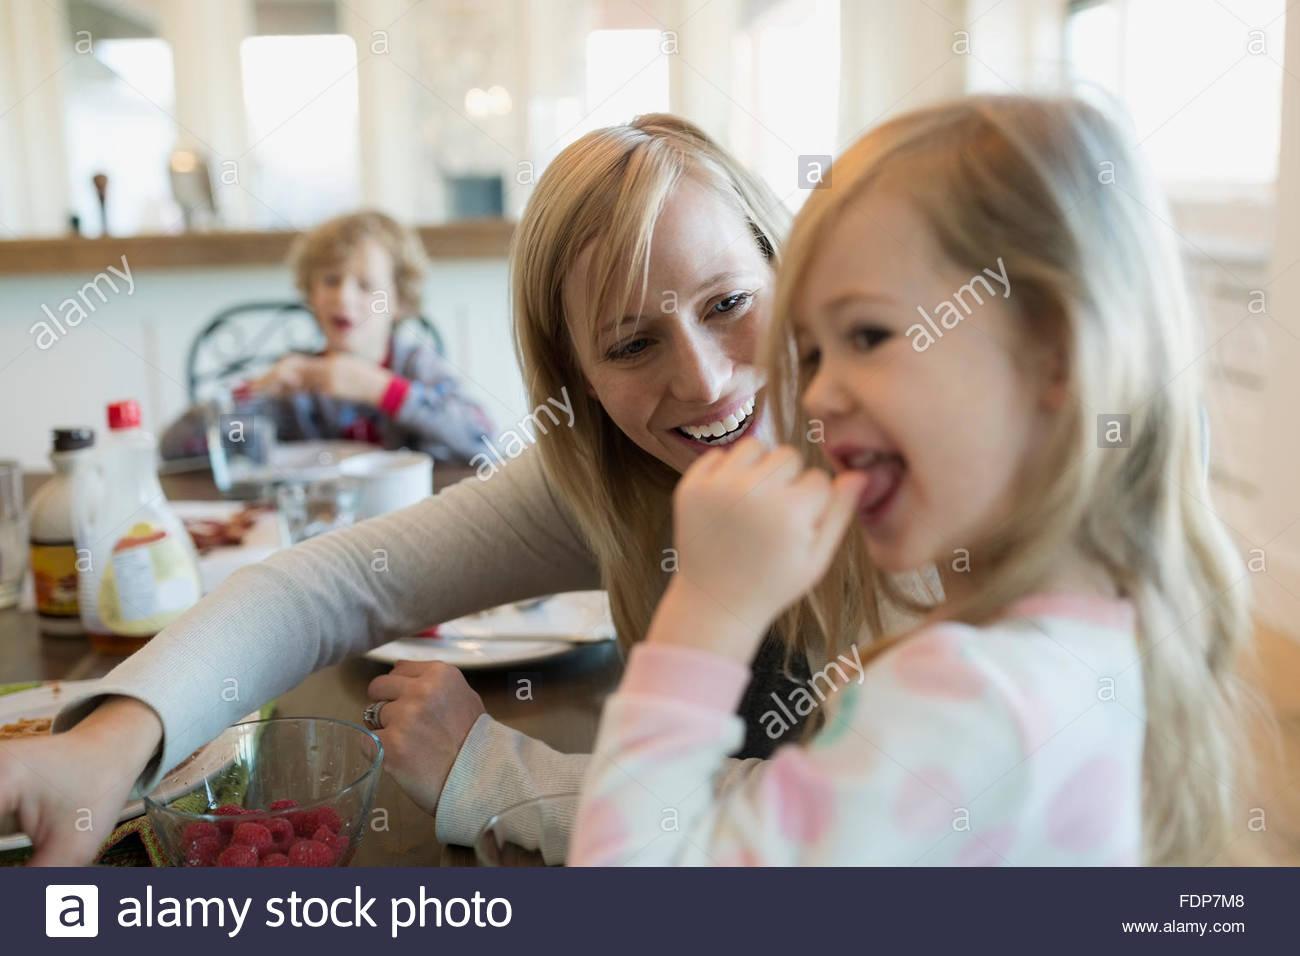 Mutter und Tochter Essen Himbeeren am Frühstückstisch Stockbild